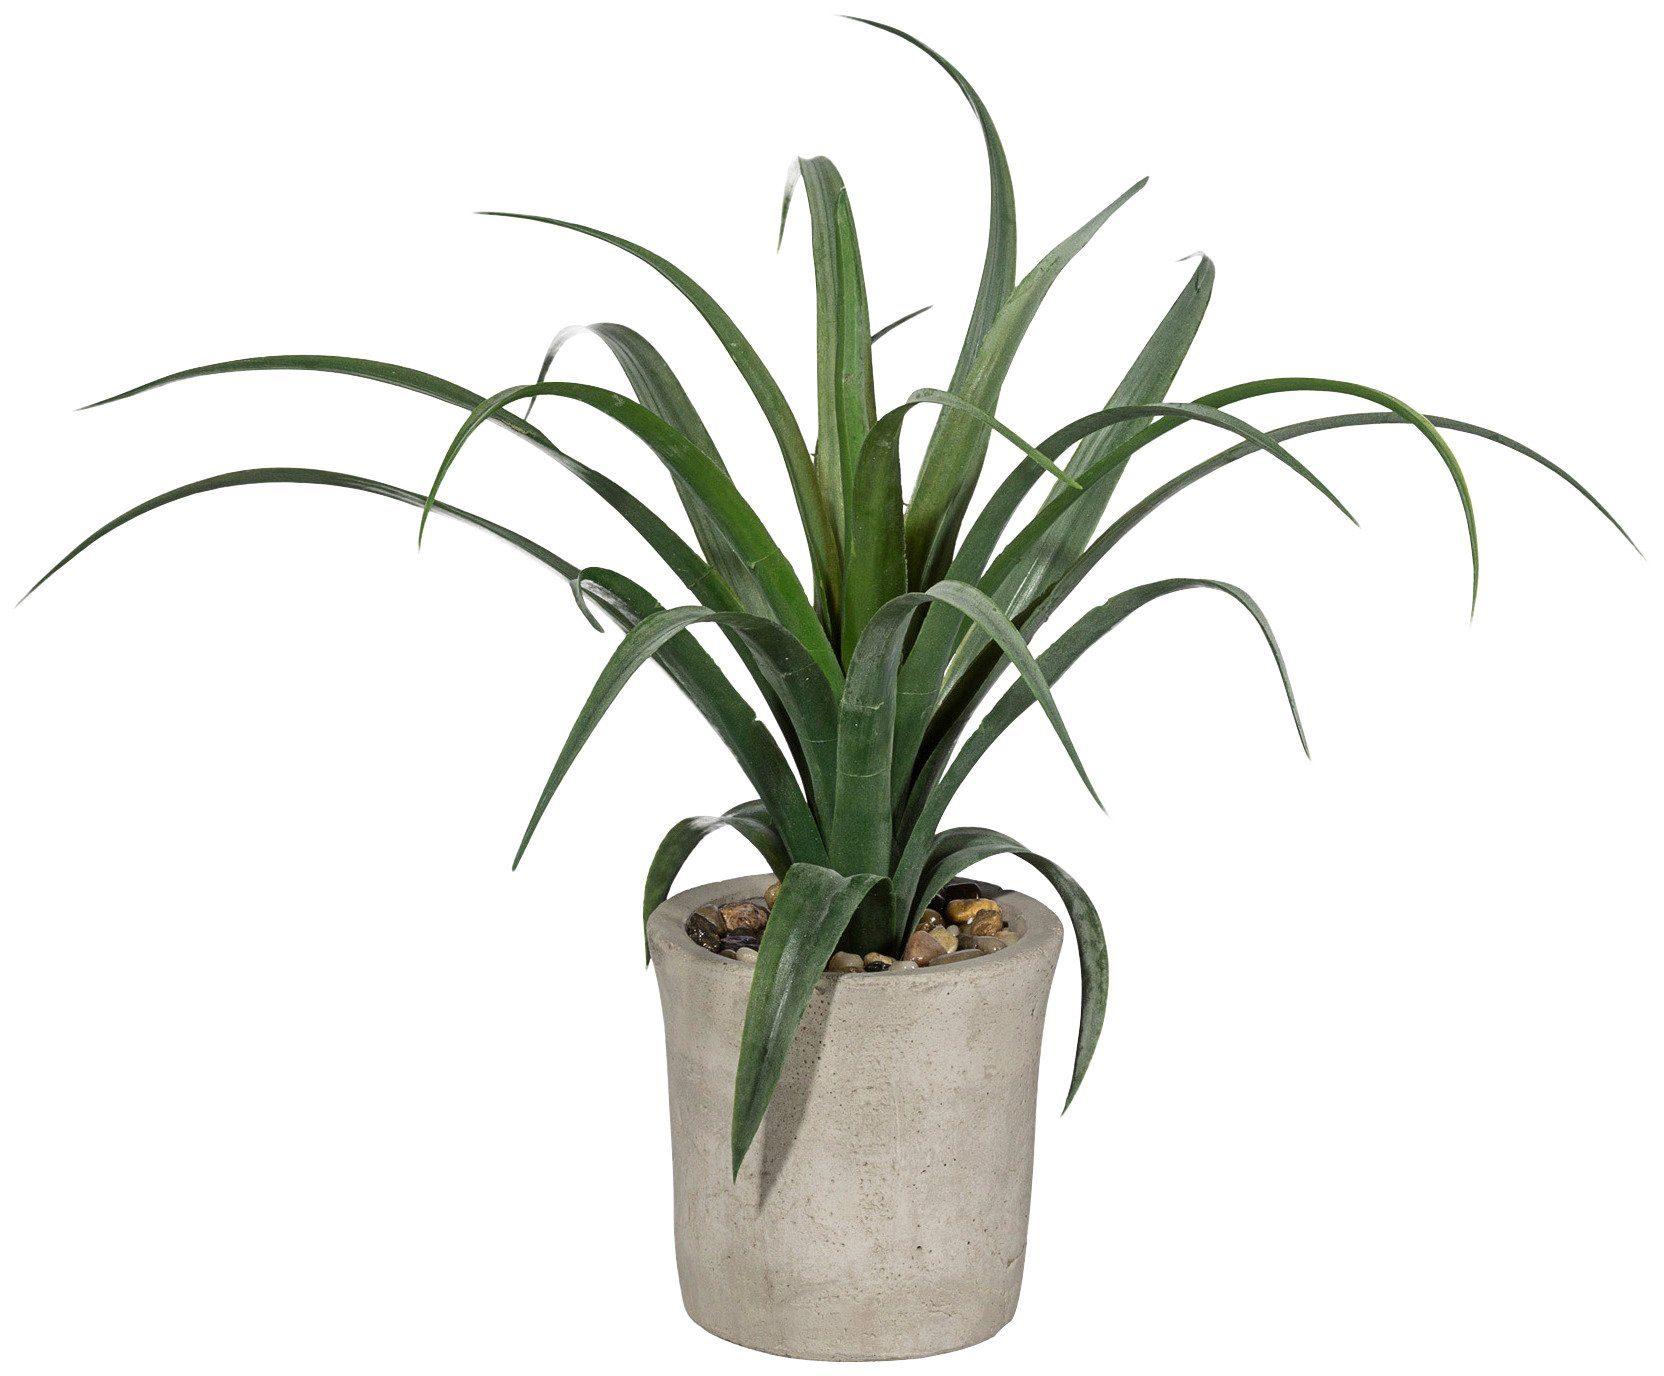 Kunstpflanze »Agave« inkl. Pflanzgefäß (H: 35 cm)